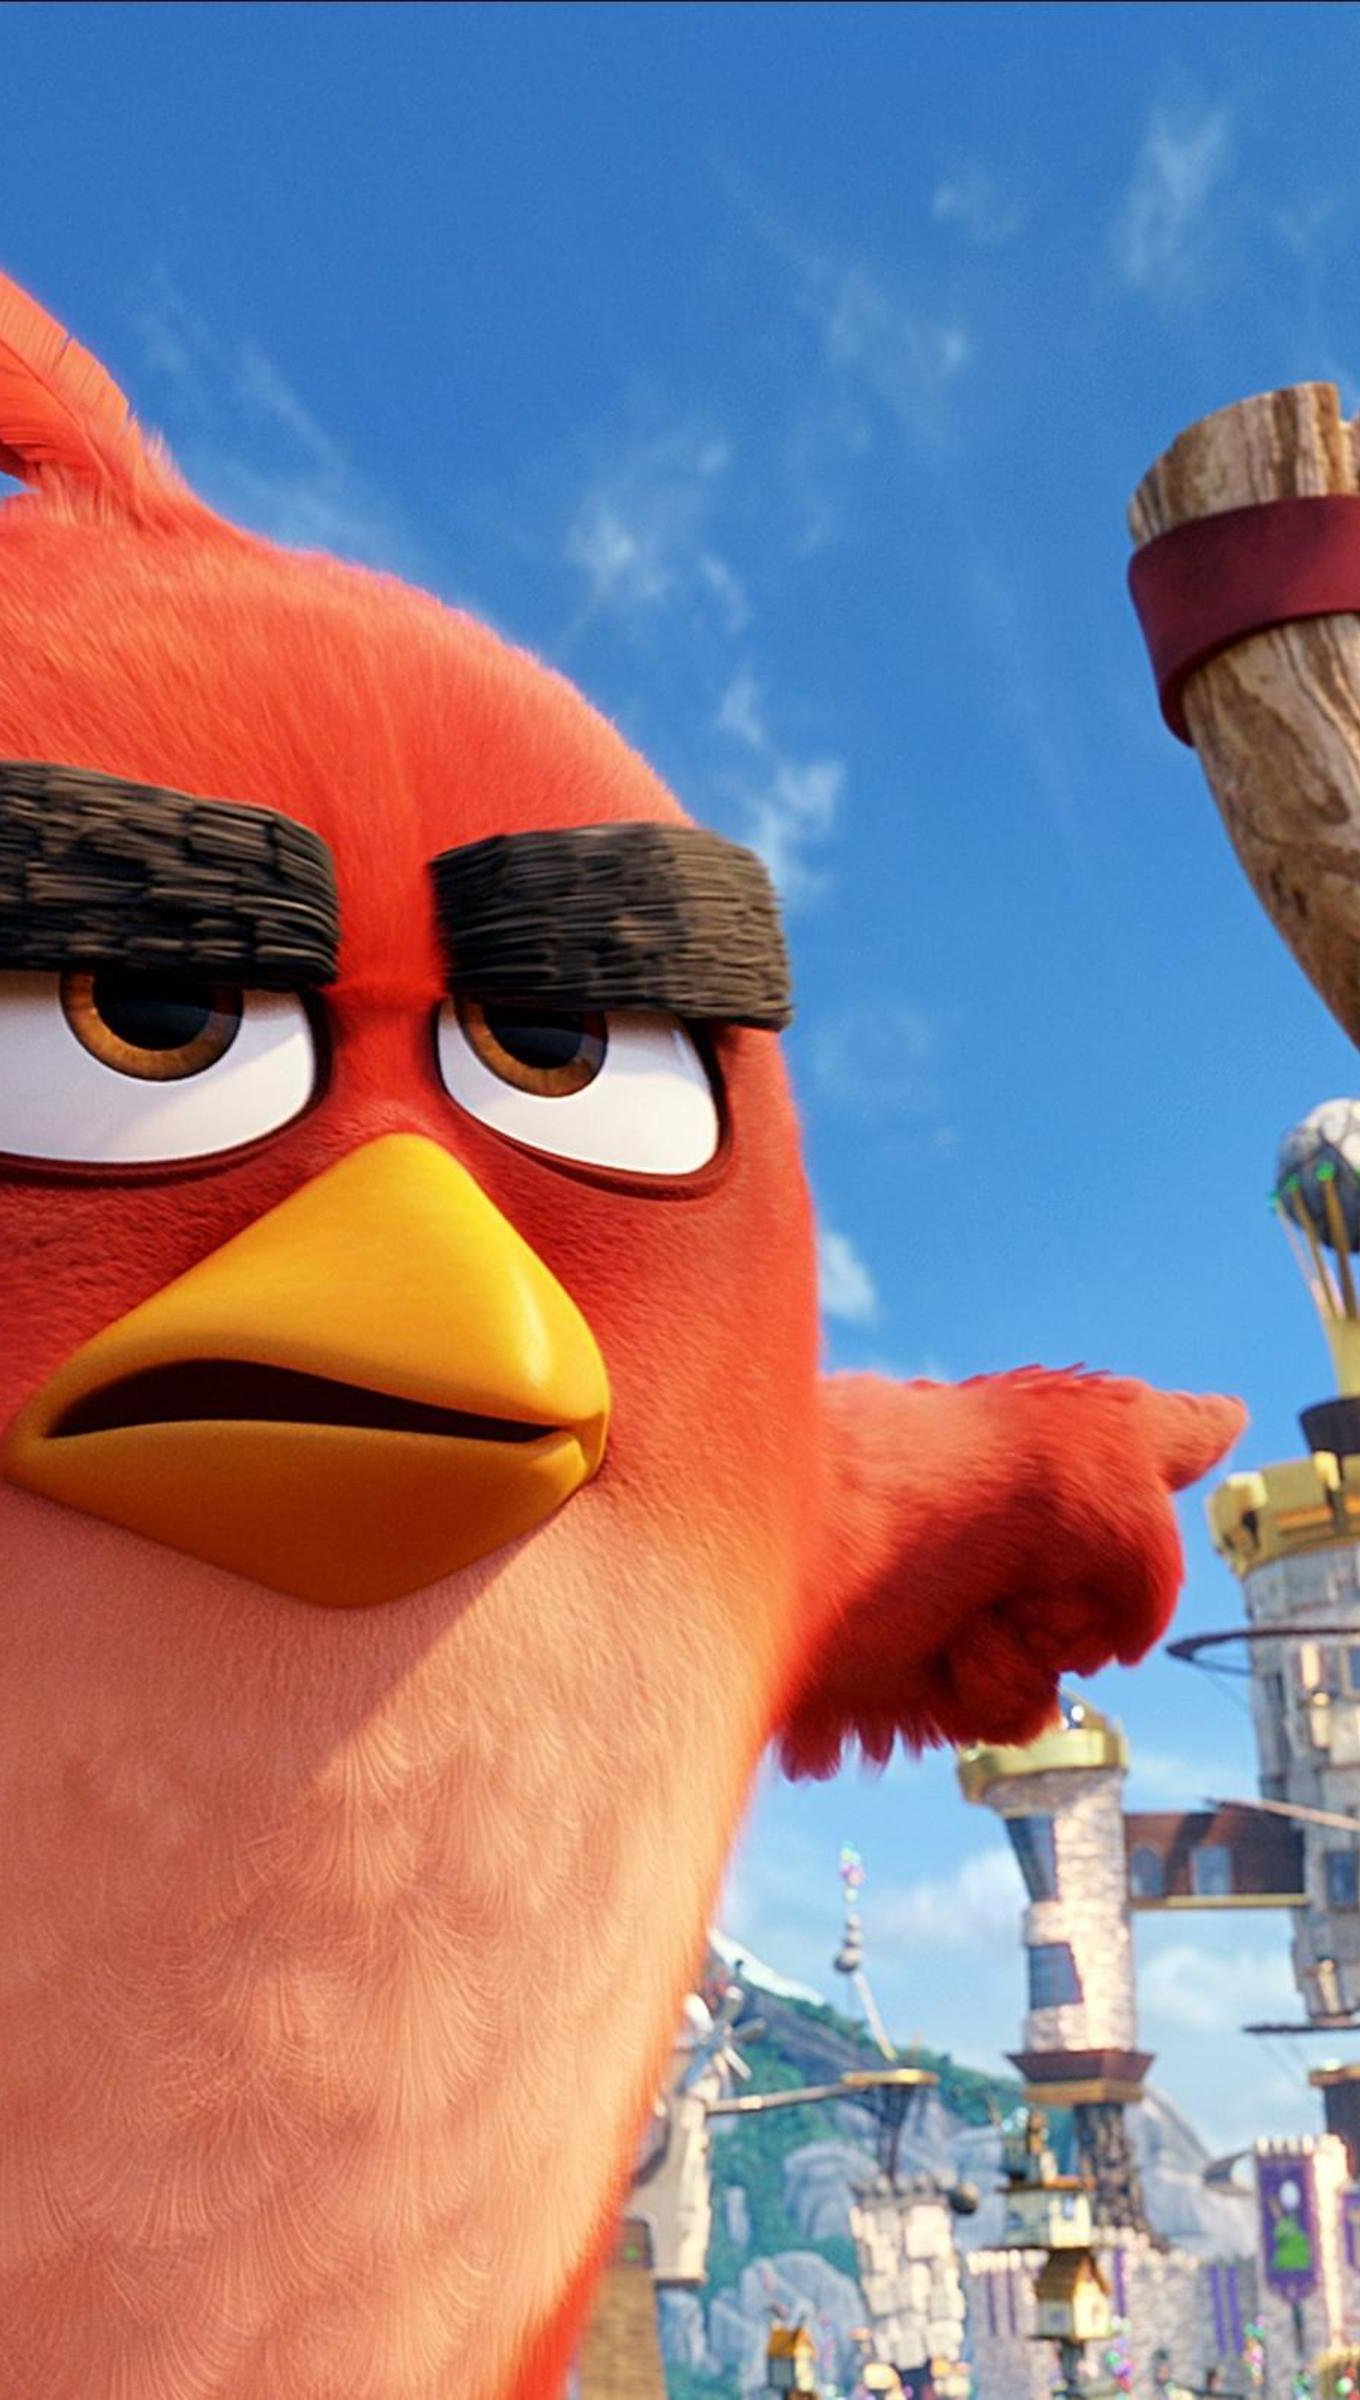 Fondos de pantalla Angry Birds película Vertical